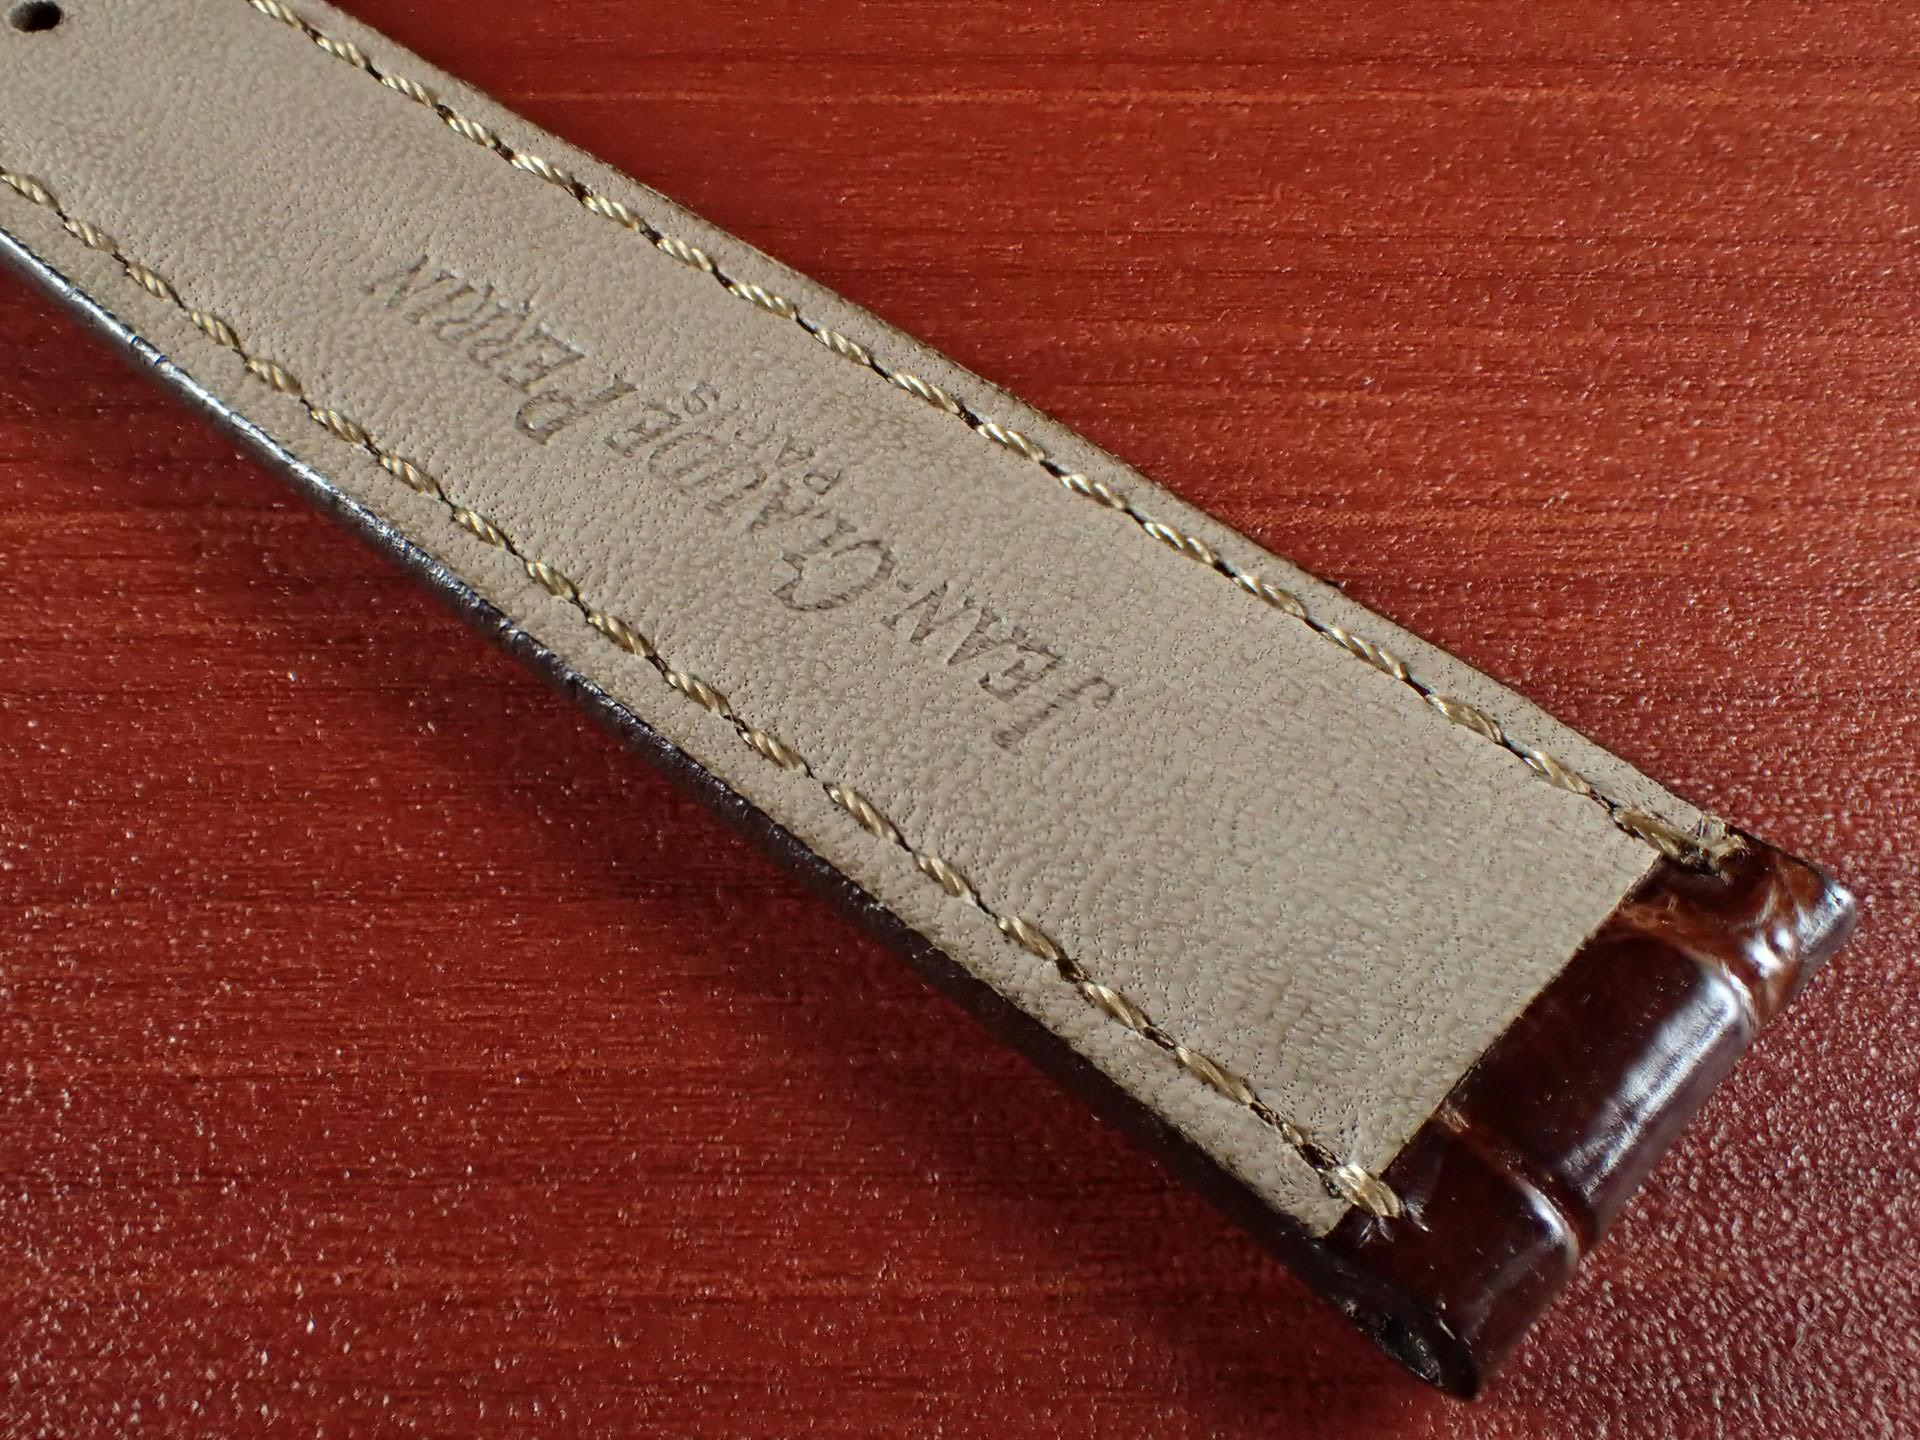 ジャン・クロード ペラン革ベルト(オールドぺラン)クロコダイル ダークブラウン 16mmの写真6枚目